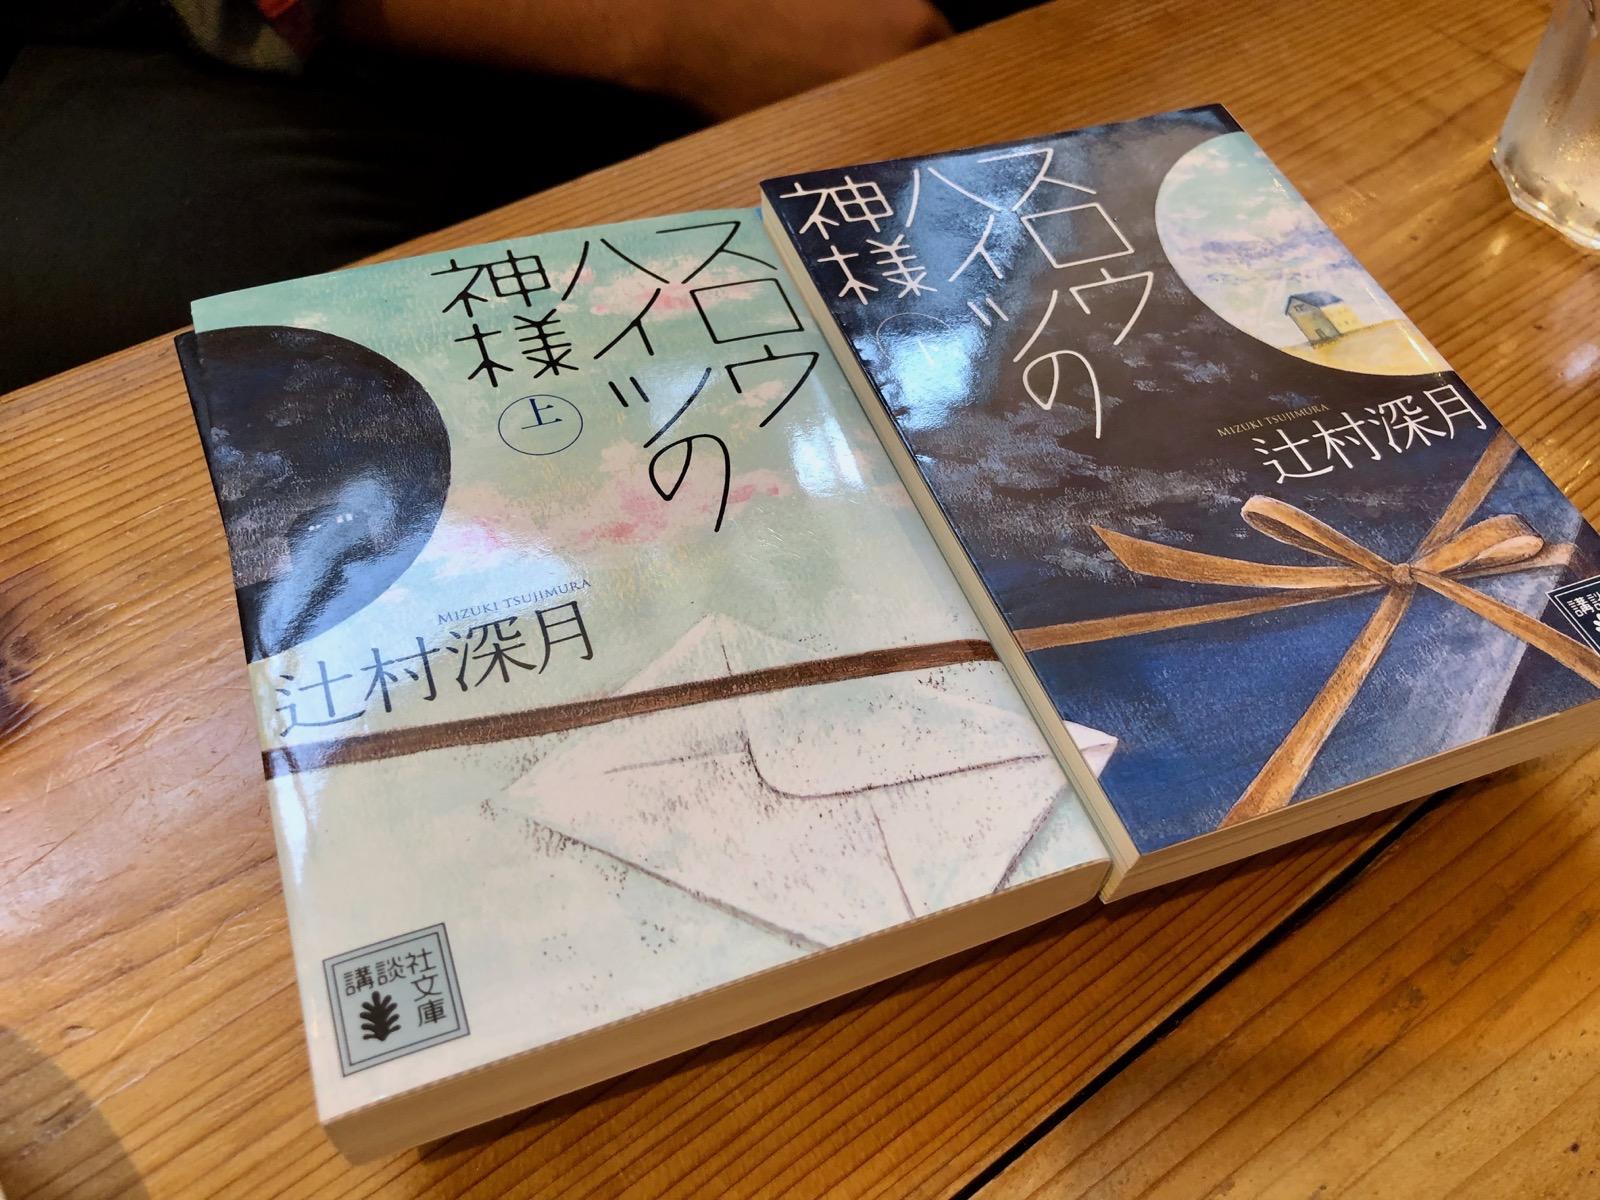 ニシヤマさんの持ってきた本2